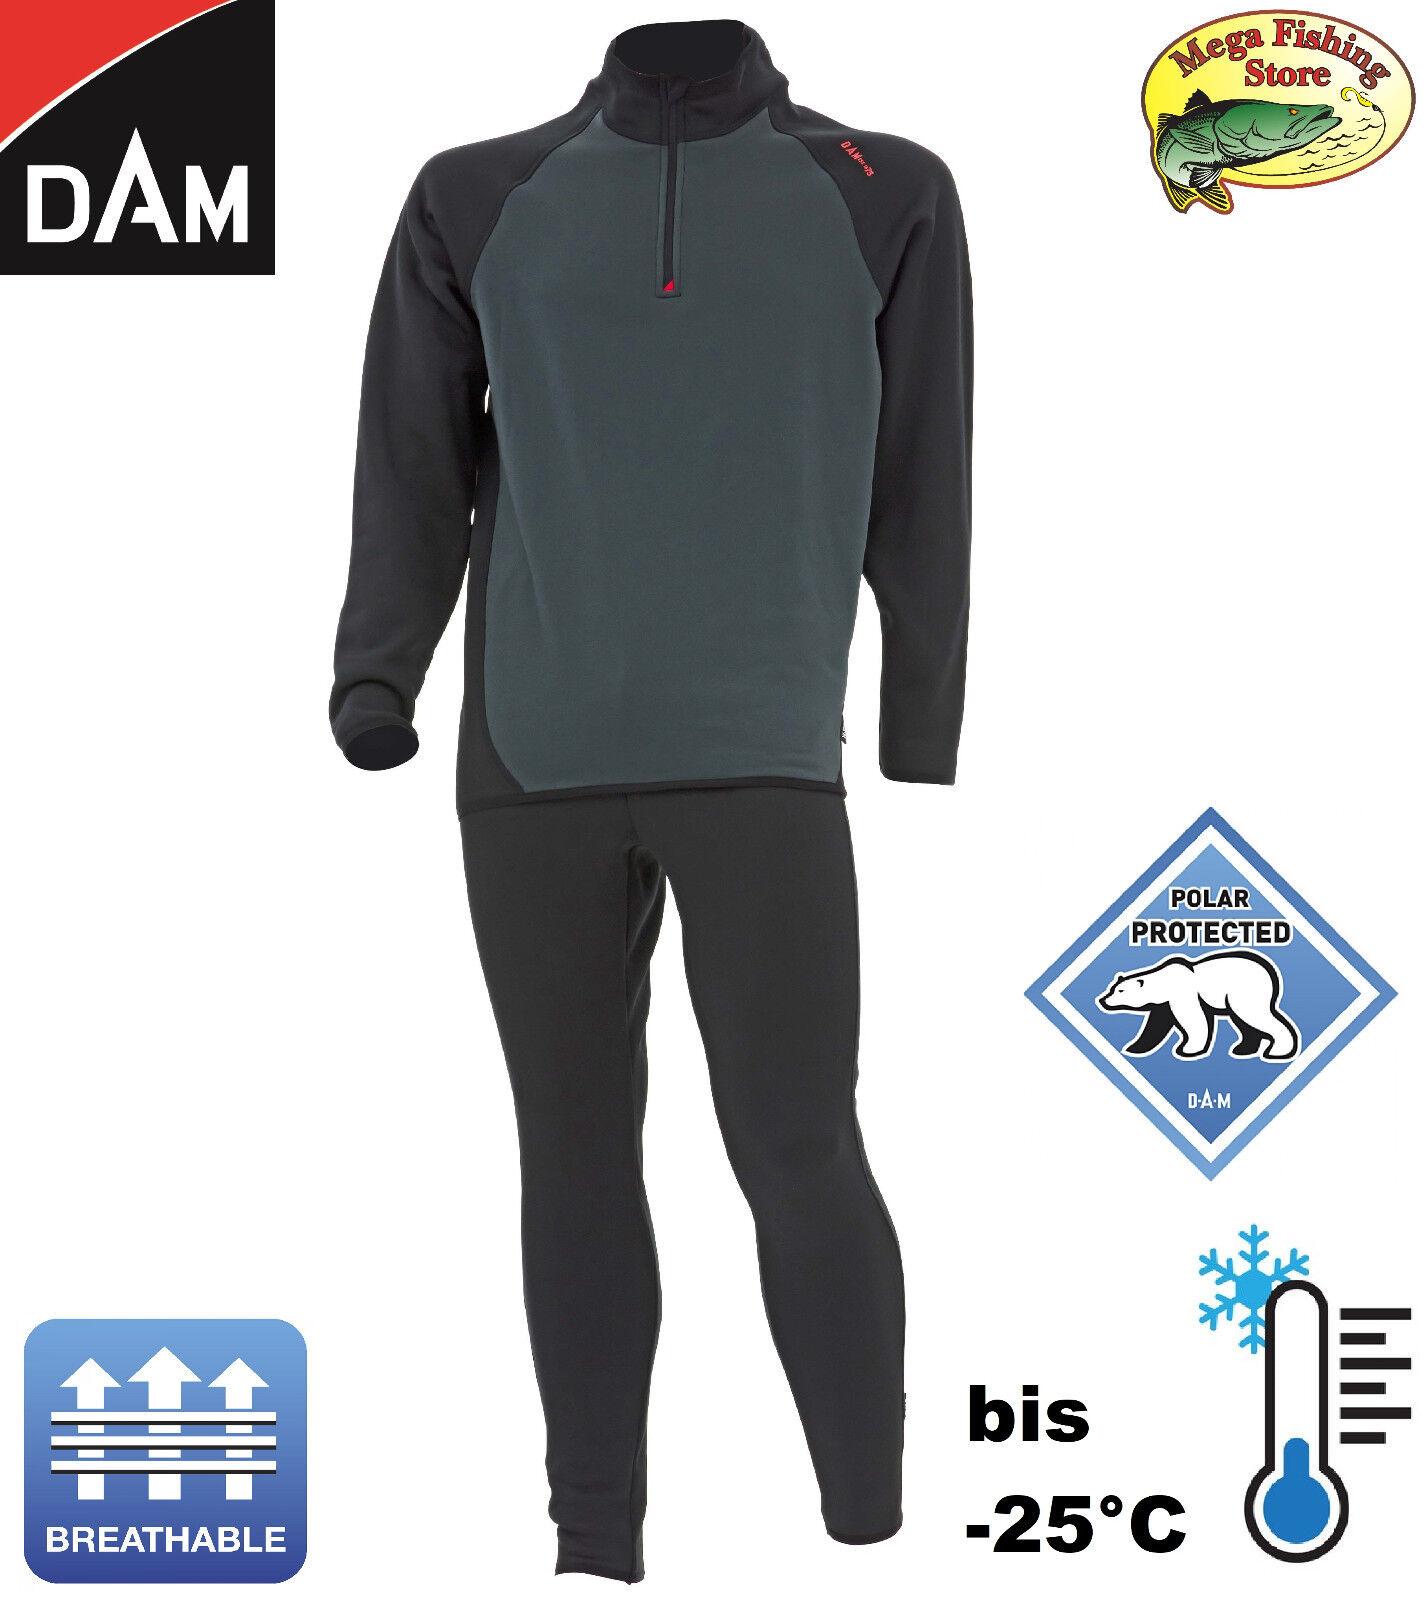 DAM X-Pedition Thermo Fleece Anzug - Unterwäsche   Thermoanzug - Atmungsaktiv  | Ein Gleichgewicht zwischen Zähigkeit und Härte